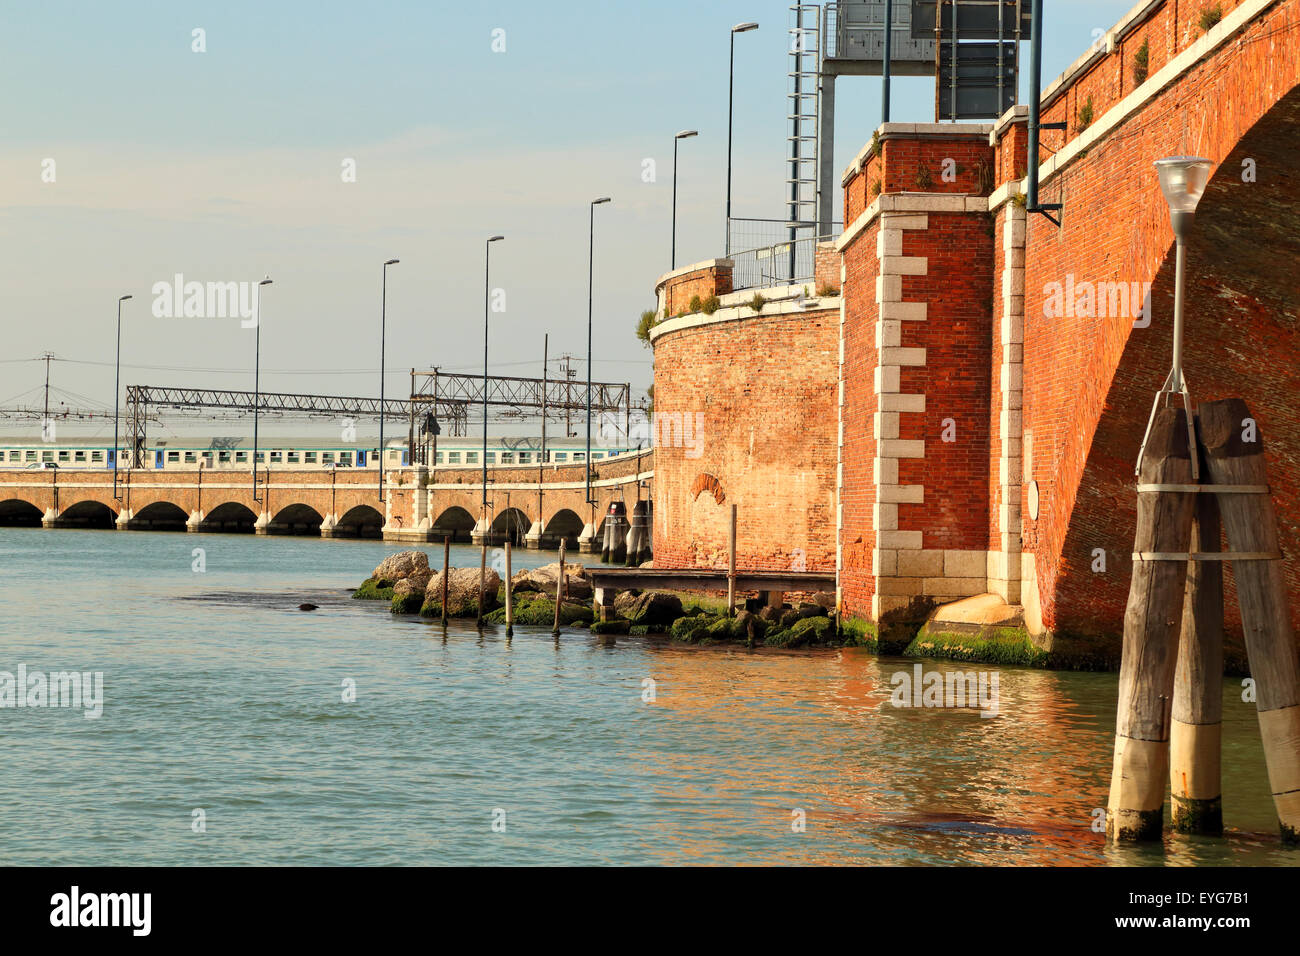 Ponte della Liberta - Venice Railway Bridge (1933) - Stock Image